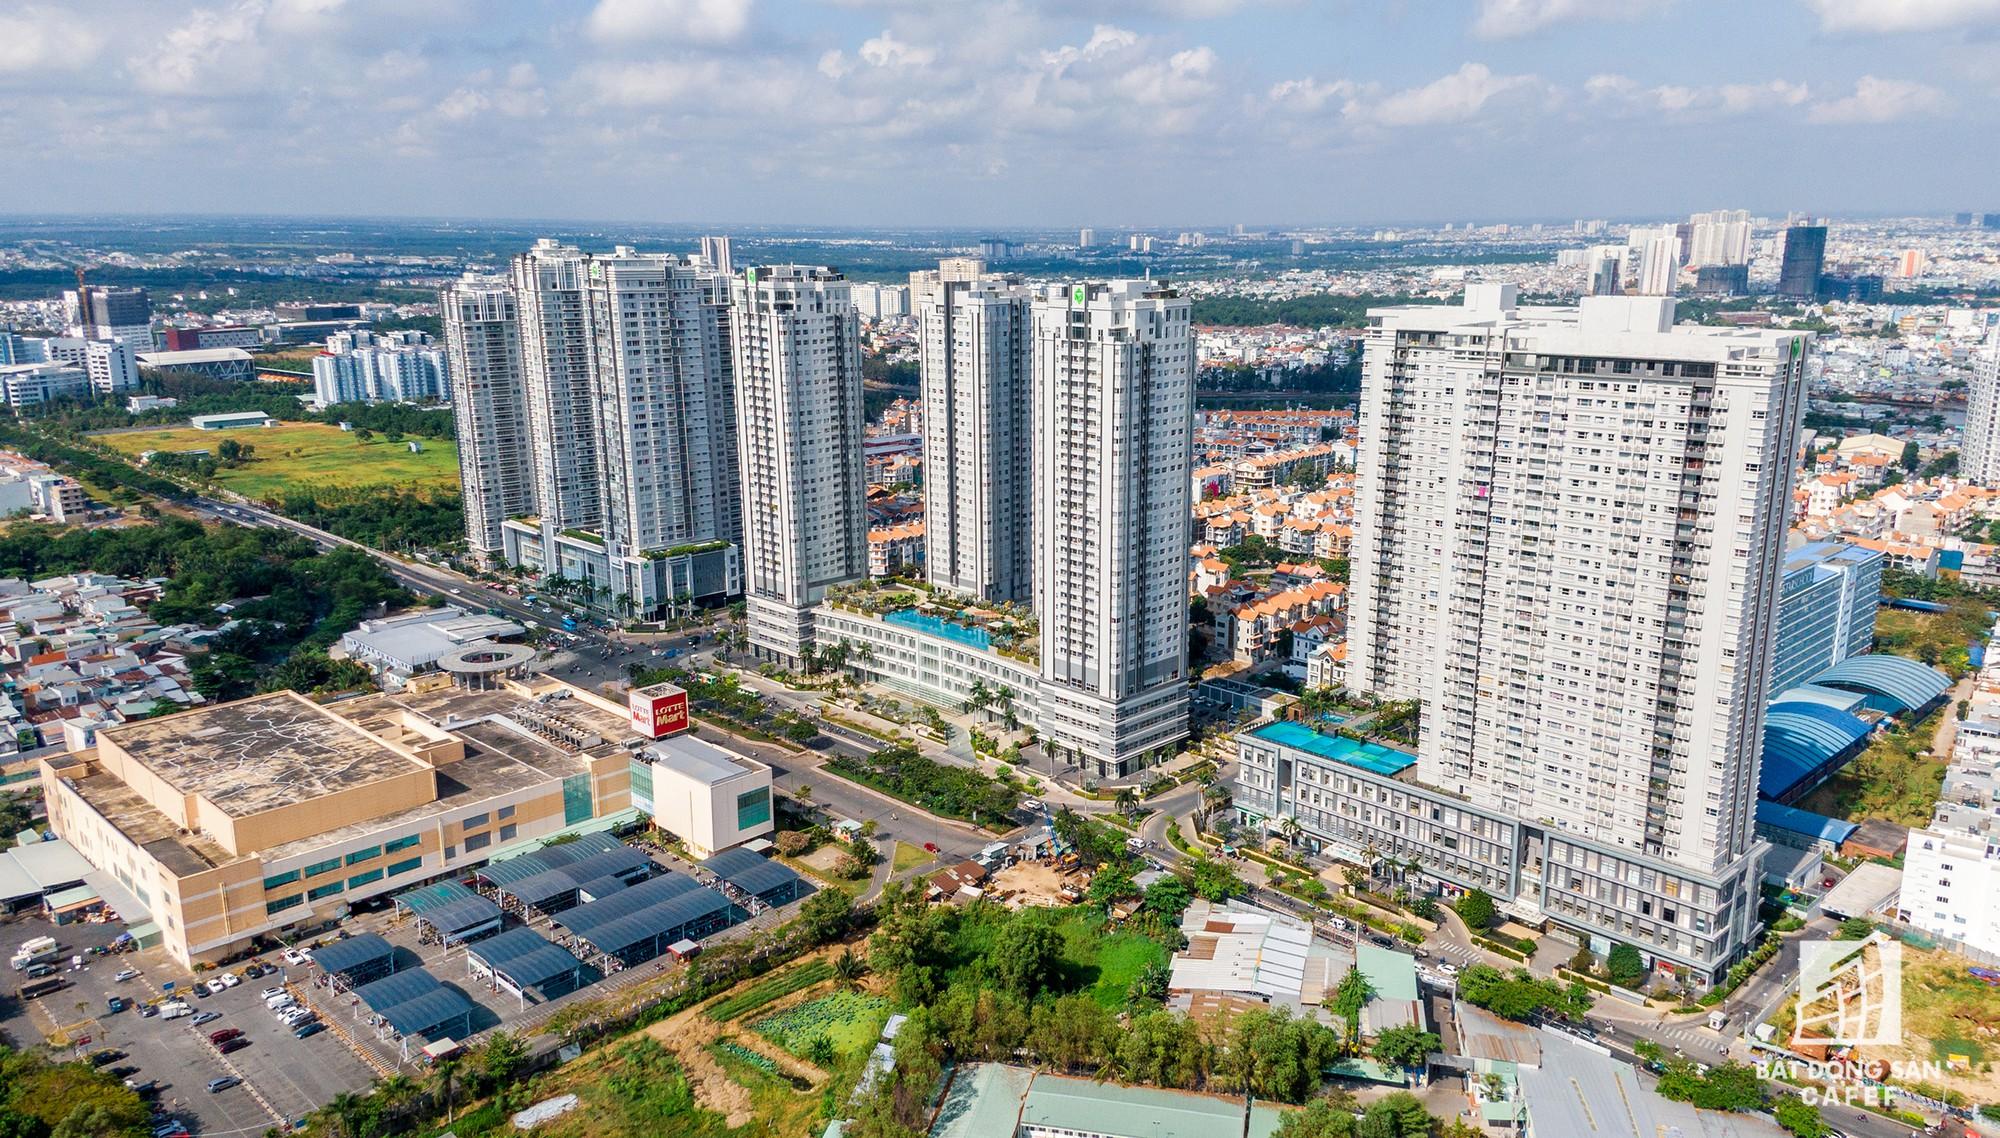 Toàn cảnh tiến độ các dự án của Novaland năm 2019 tại TP.HCM, Vũng Tàu, Phan Thiết và Cam Ranh - Ảnh 17.